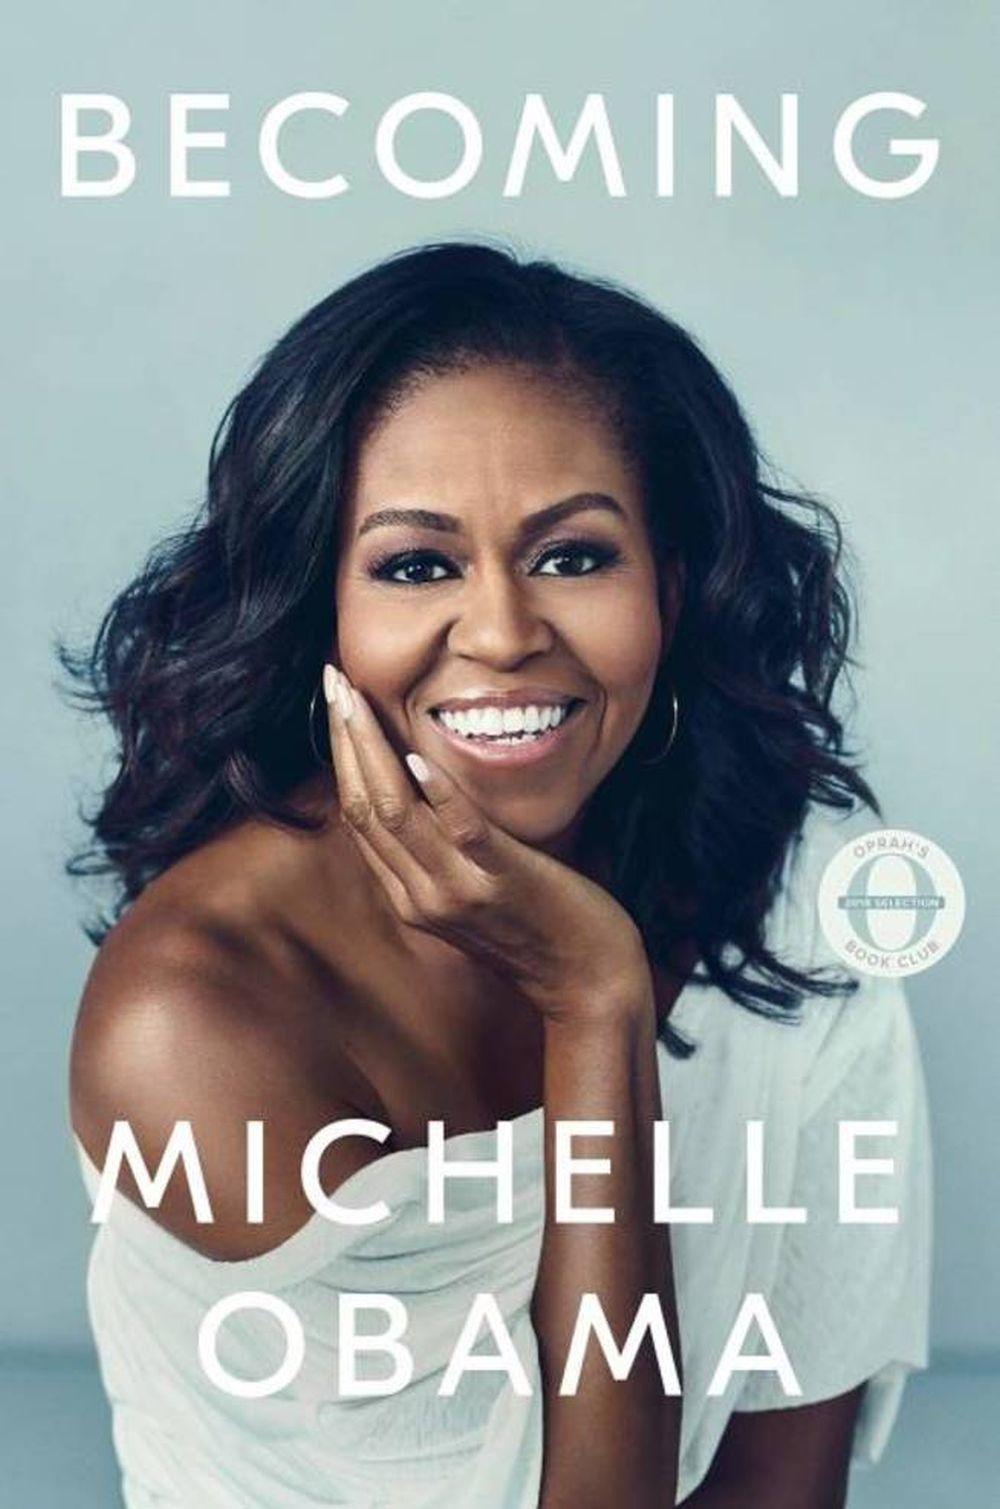 Portada del Libro de Michelle Obama.